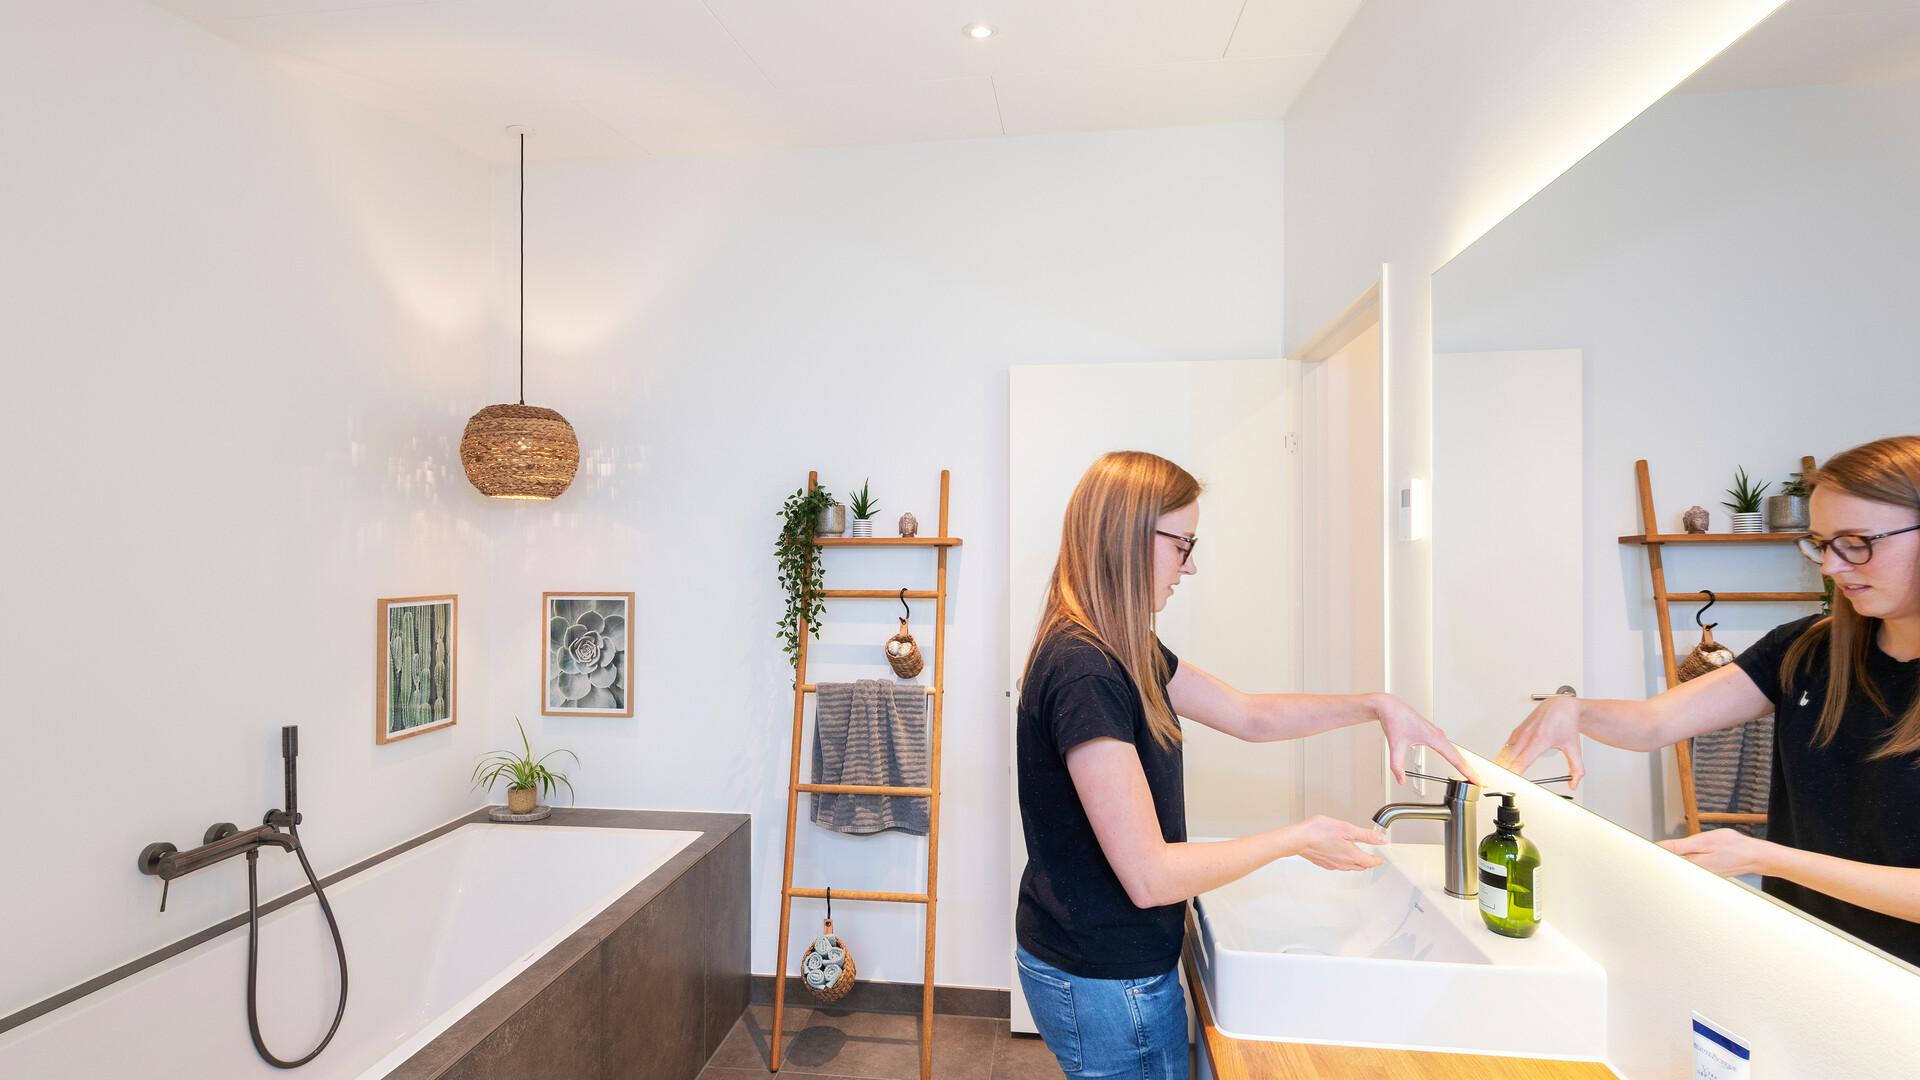 Bathroom in private home Aarhus